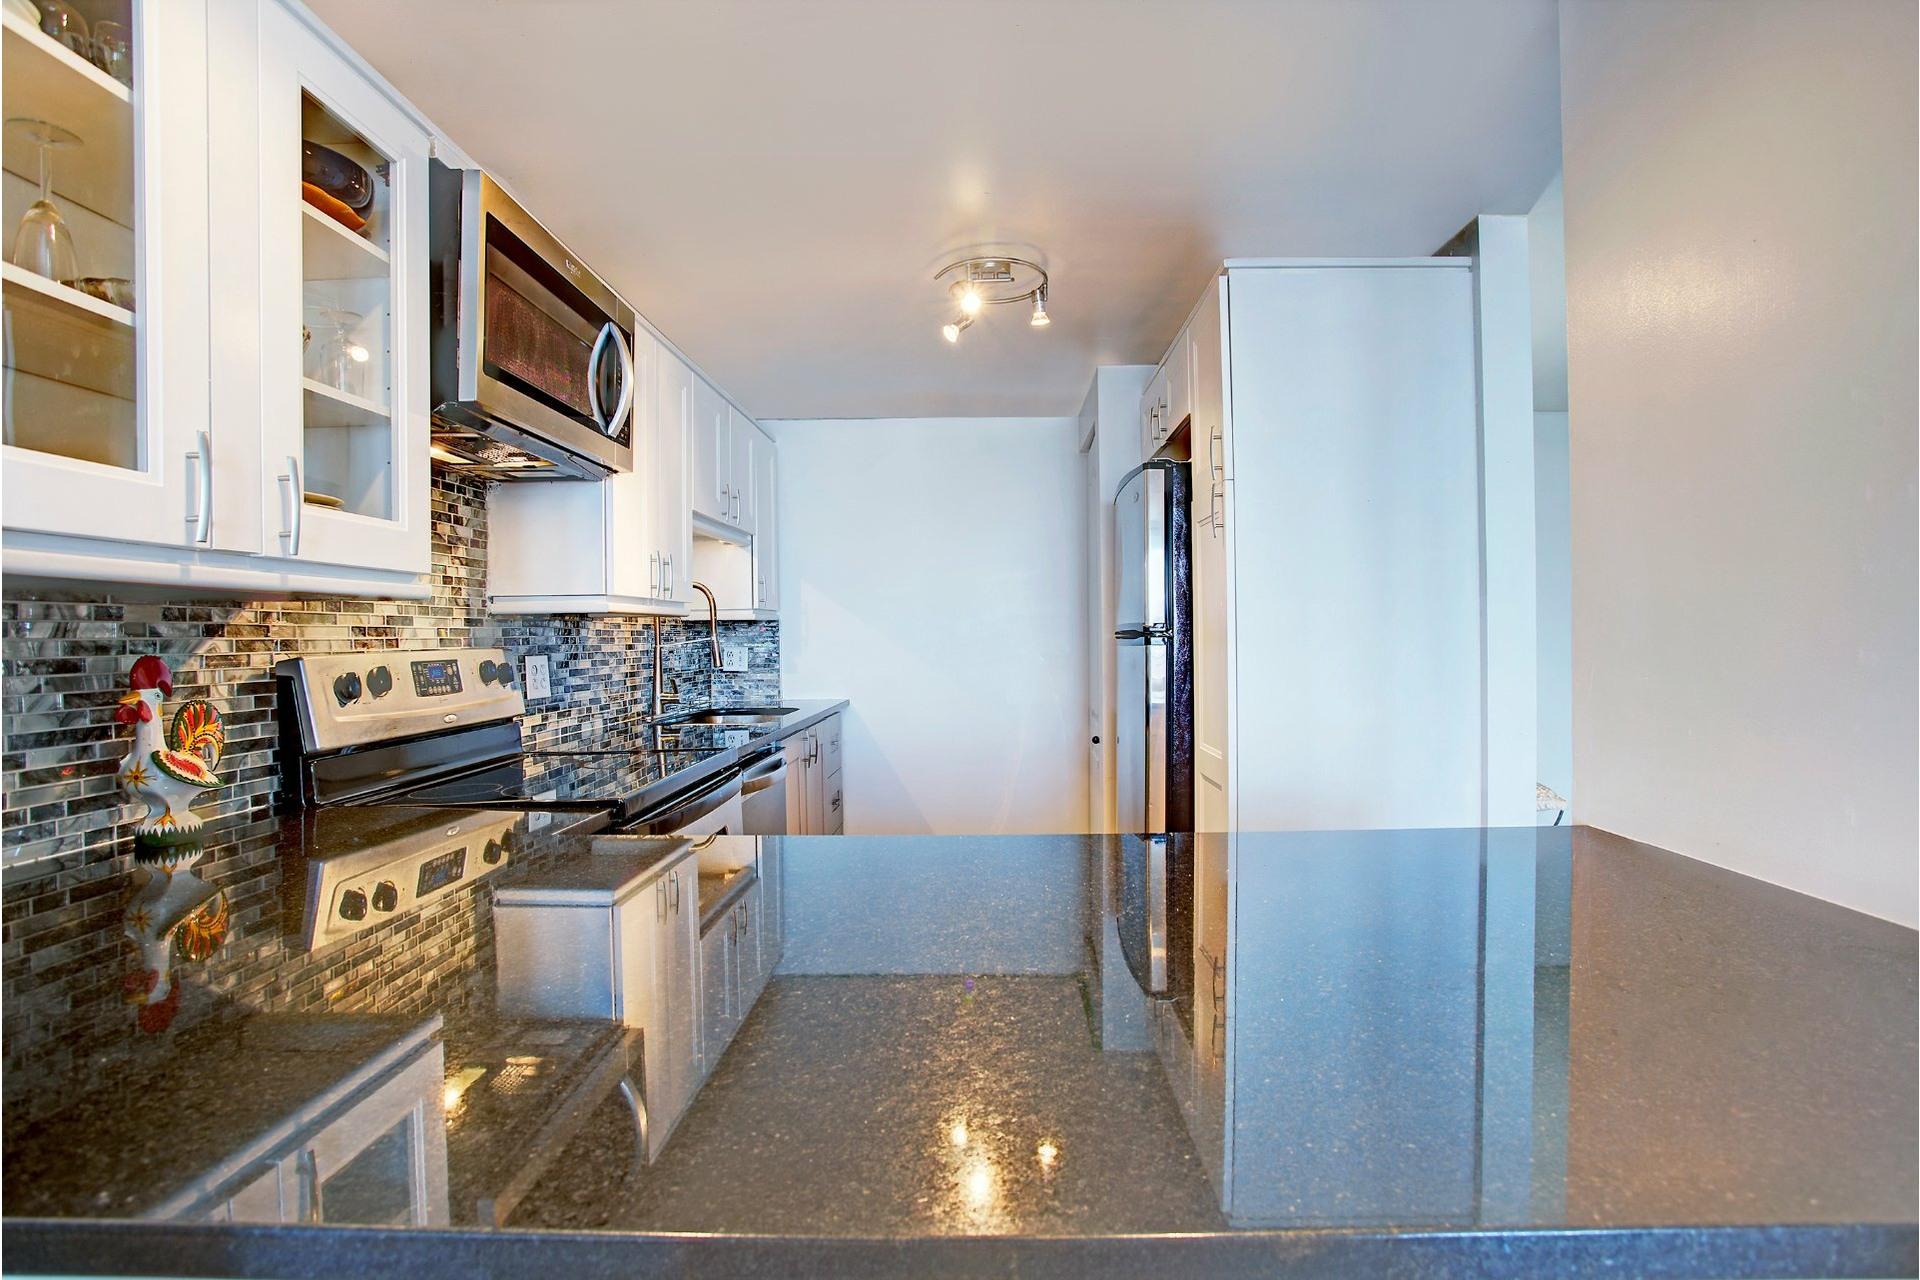 image 8 - Apartment For rent Saint-Laurent Montréal  - 8 rooms